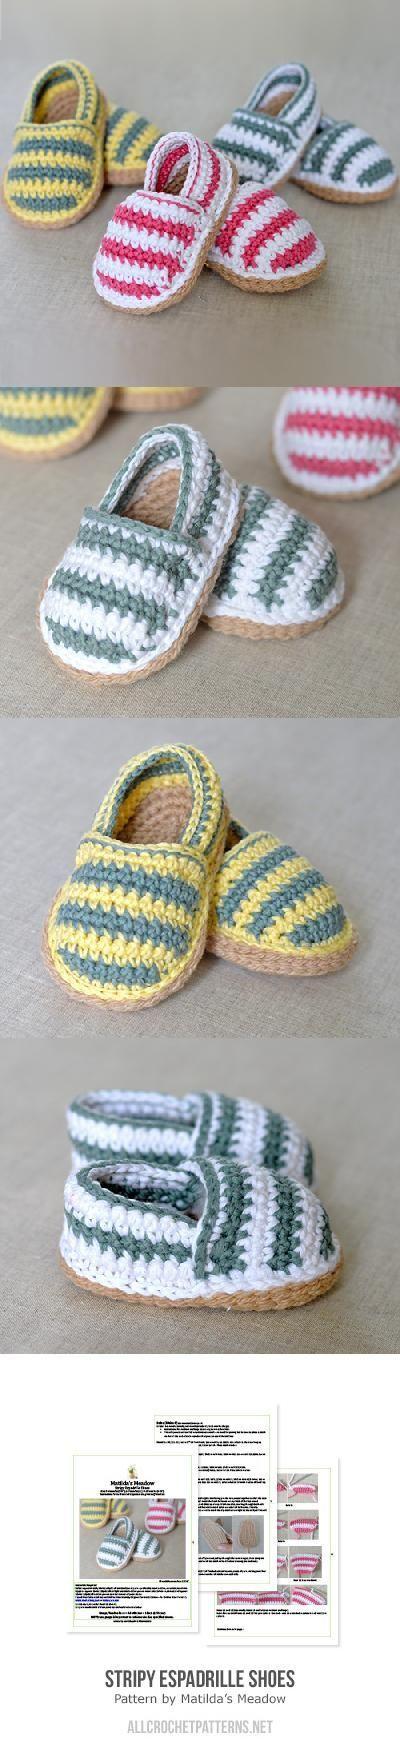 Stripy espadrille shoes crochet pattern by Matilda\'s Meadow | Bebe ...